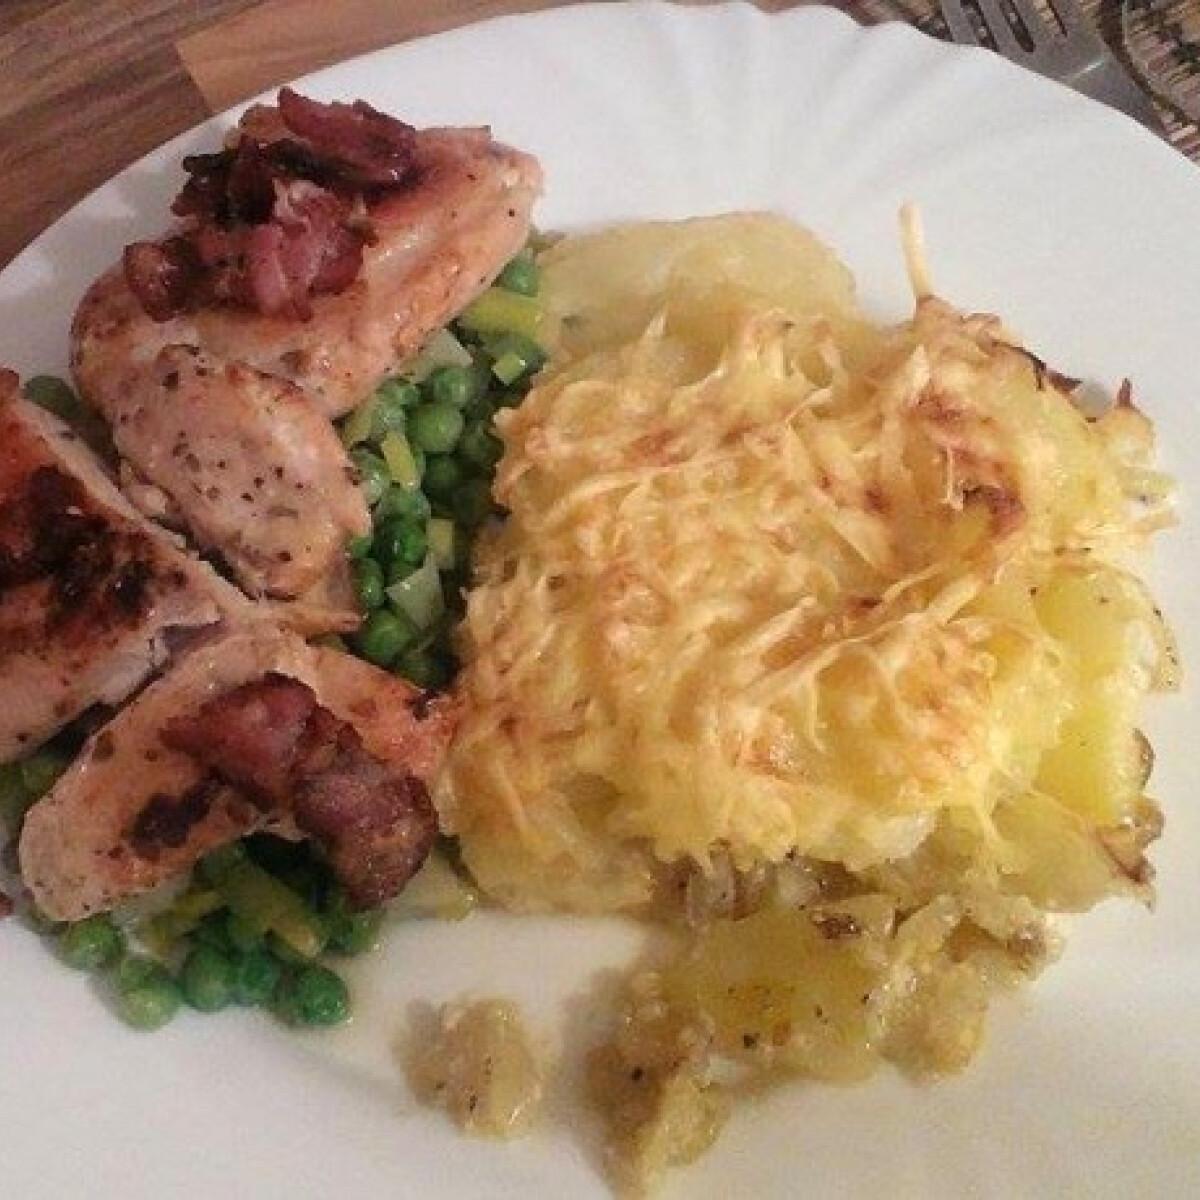 Aranybarna csirke - párolt zöldség és csőben sült burgonya